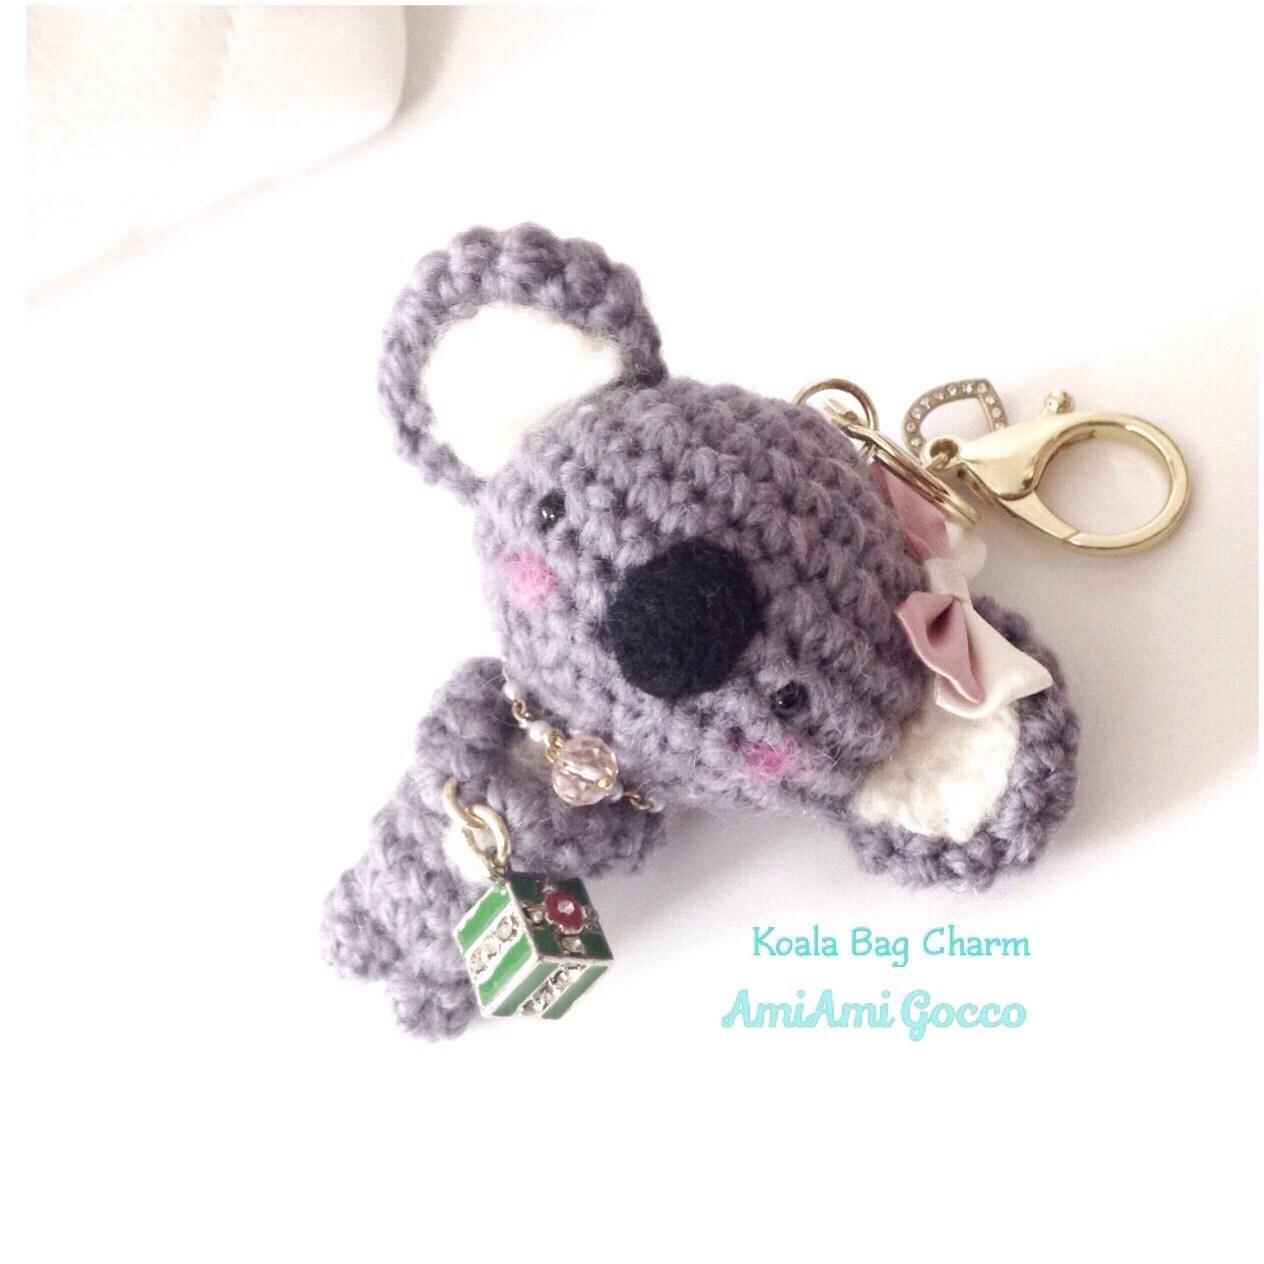 Amigurumi Koala Keychain : Handmade Crochet Bag Charm Crochet Koala Key Chain Amigurumi